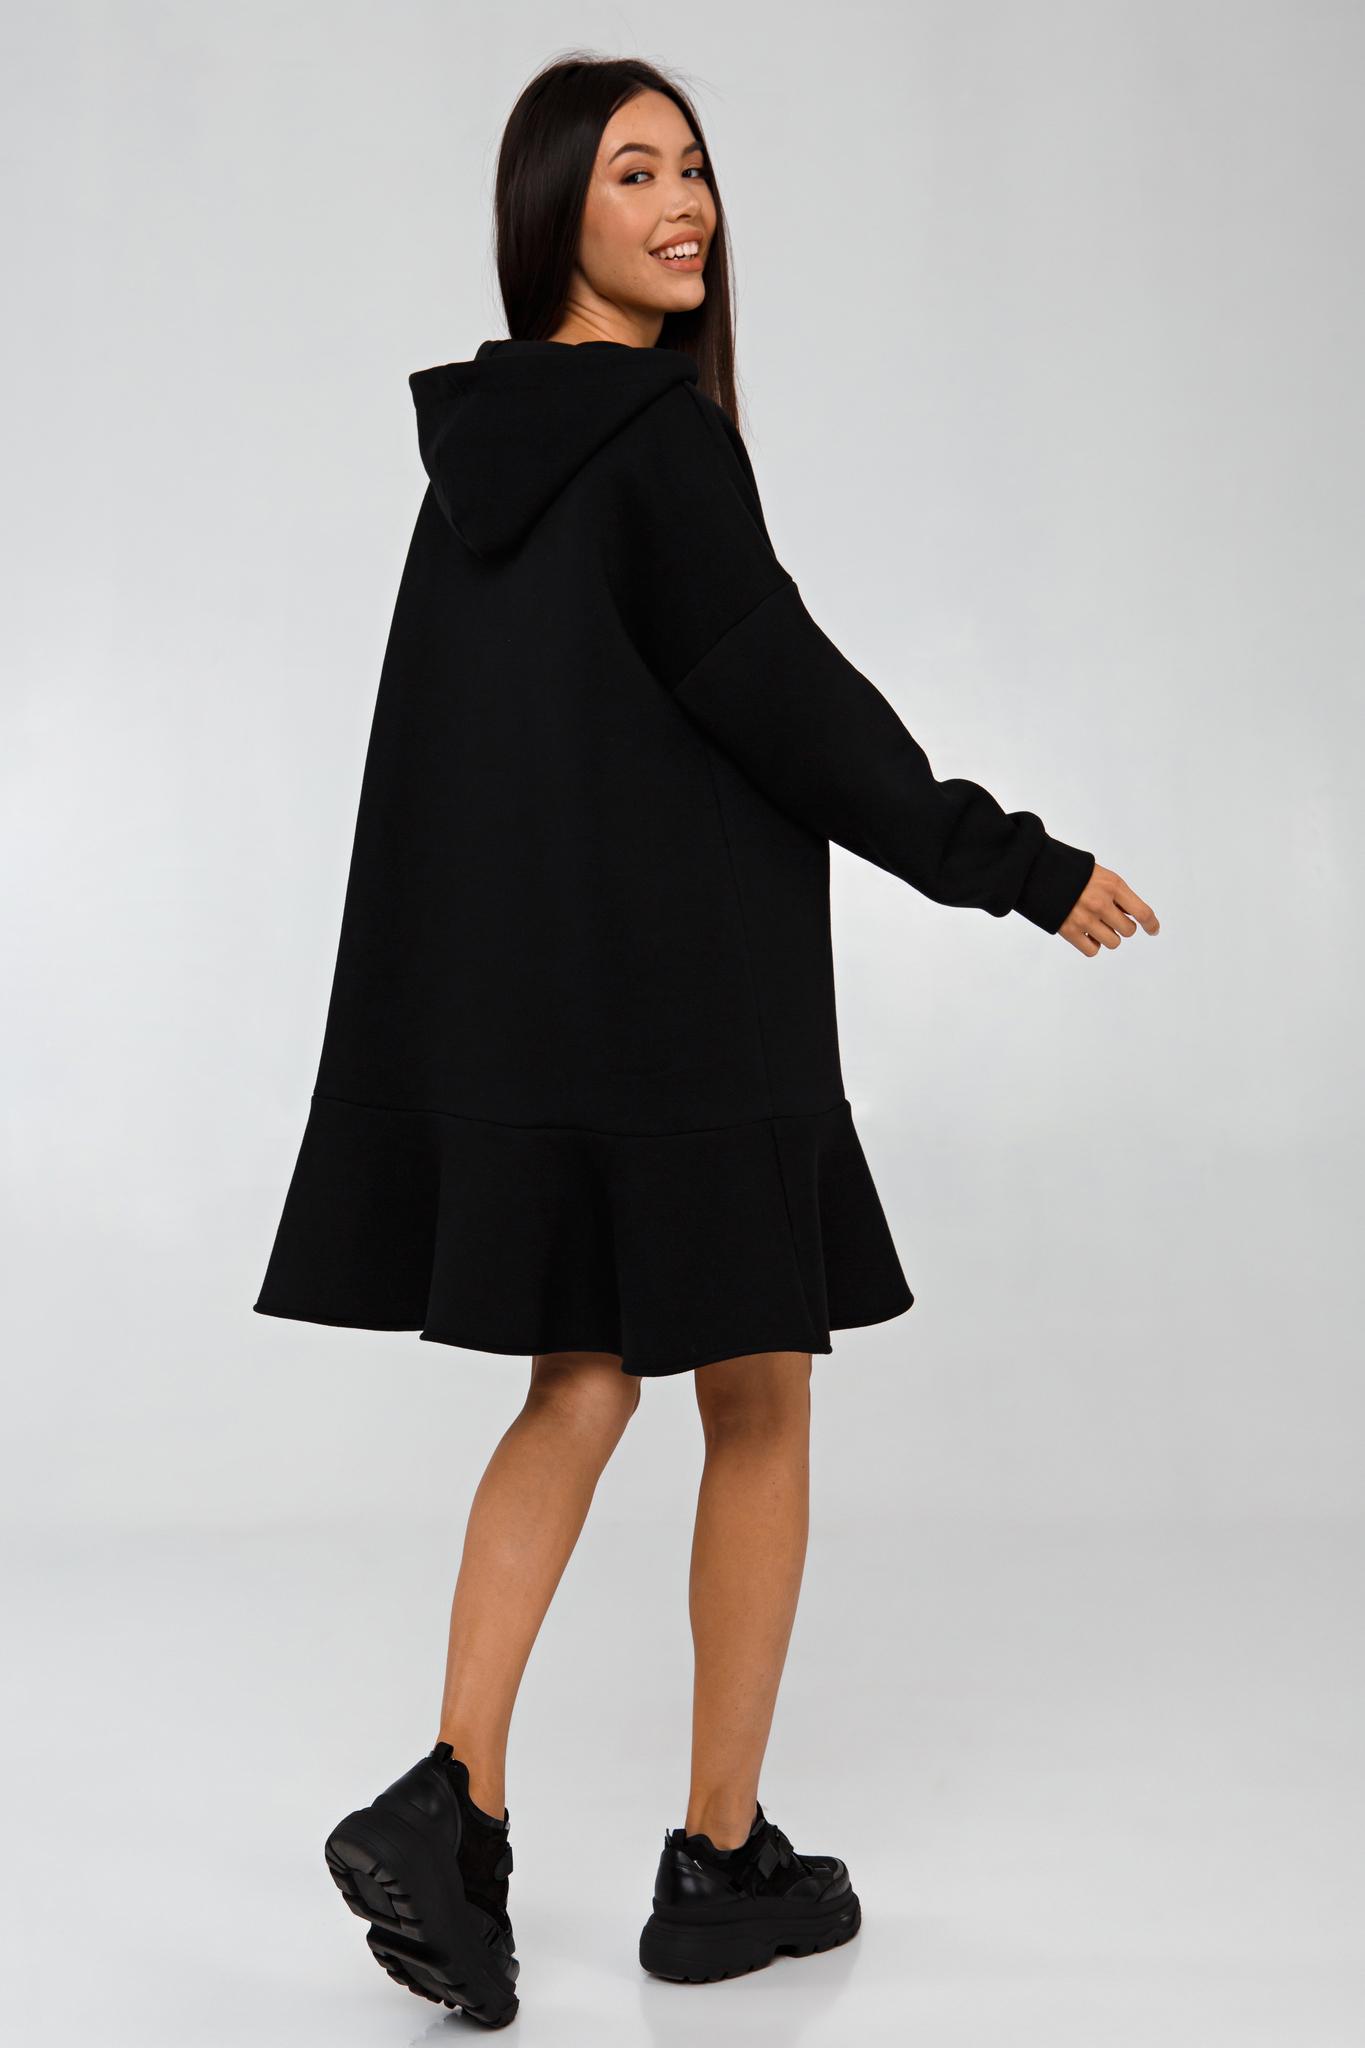 Платье-худи черное с начесом YOS от украинского бренда Your Own Style